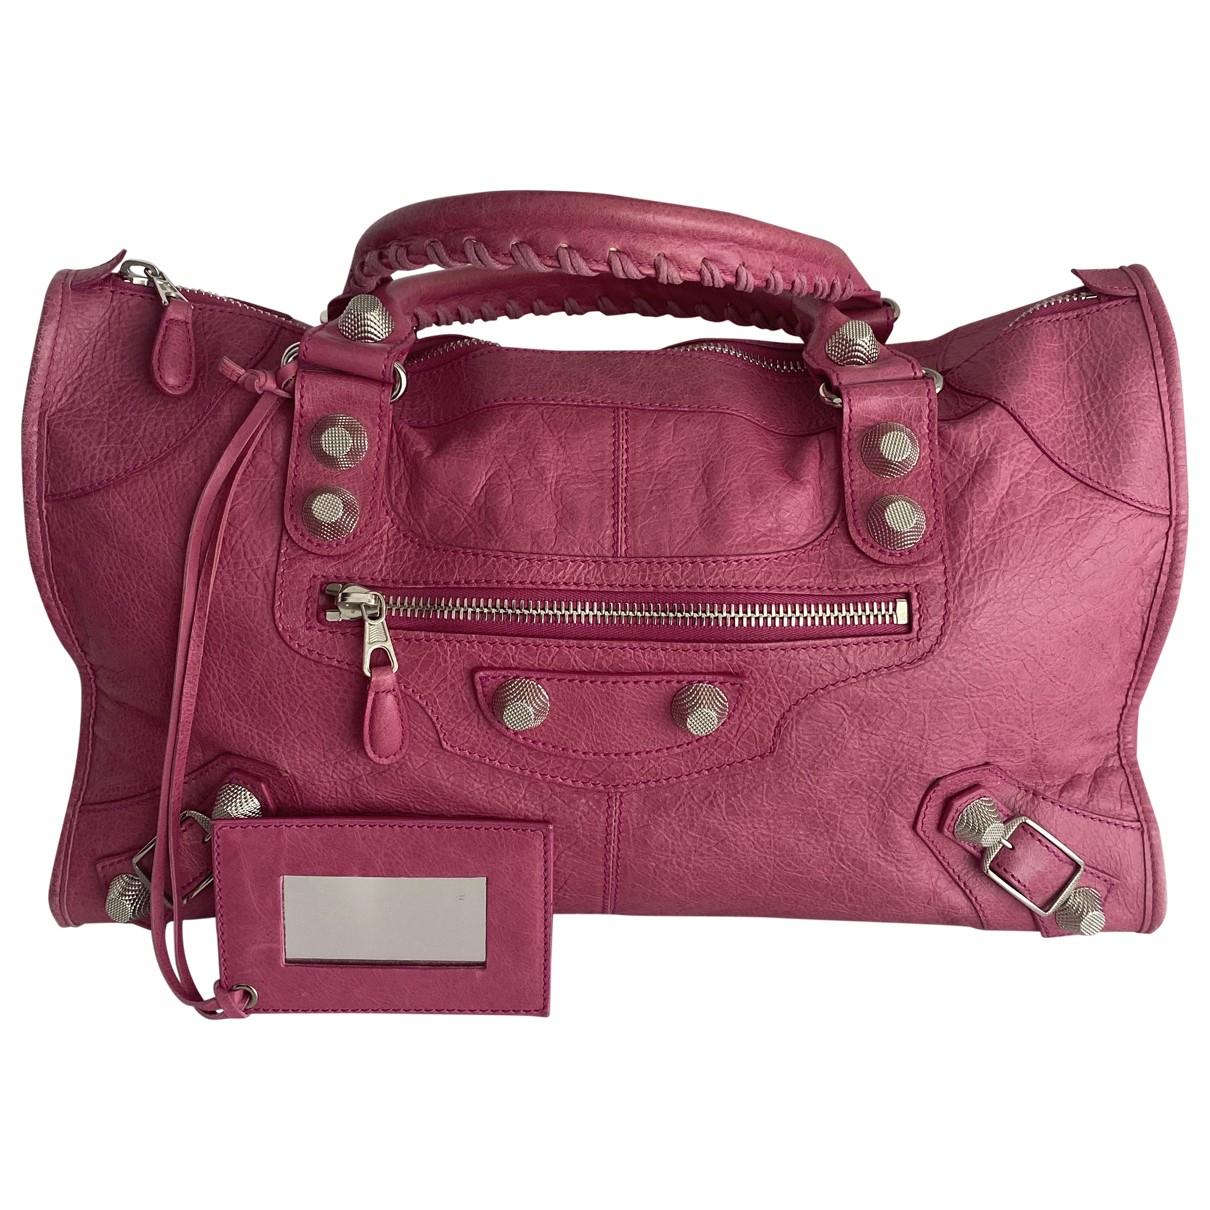 Balenciaga - Sac a main Work pour femme en cuir - rose